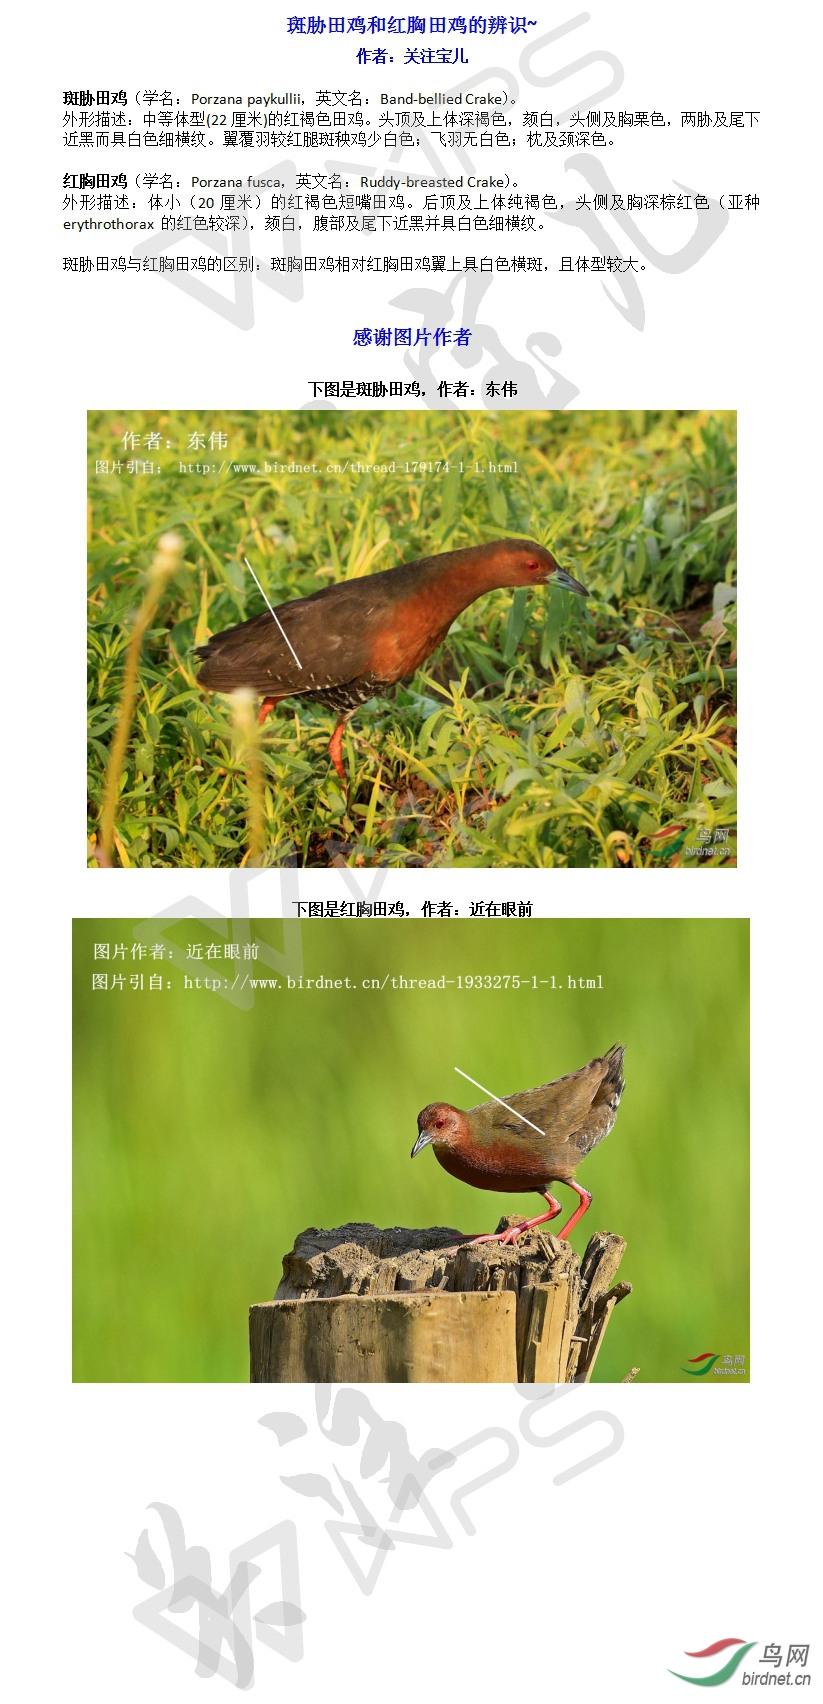 斑胁田鸡和红胸田鸡的辨识~.jpg